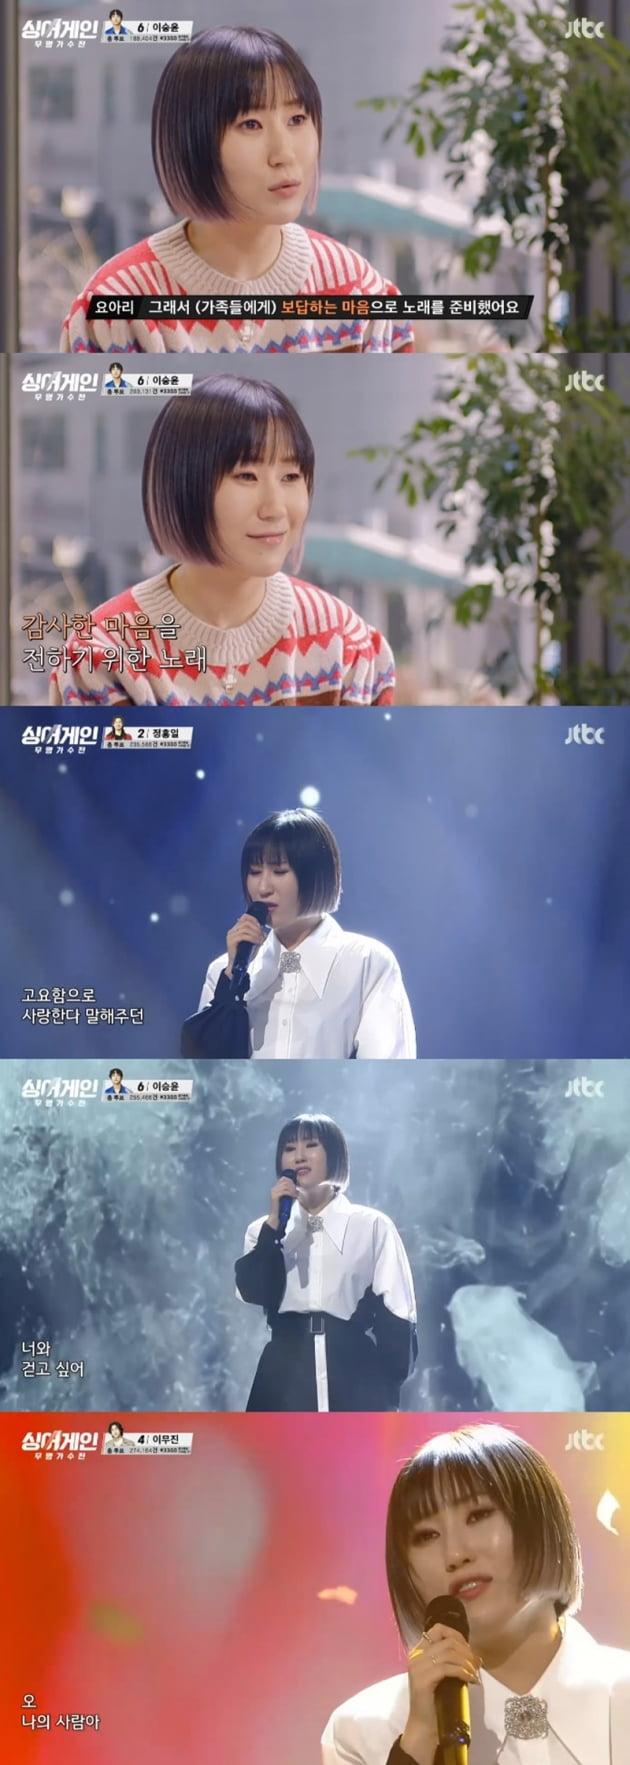 '싱어게인' / 사진 = JTBC 영상 캡처